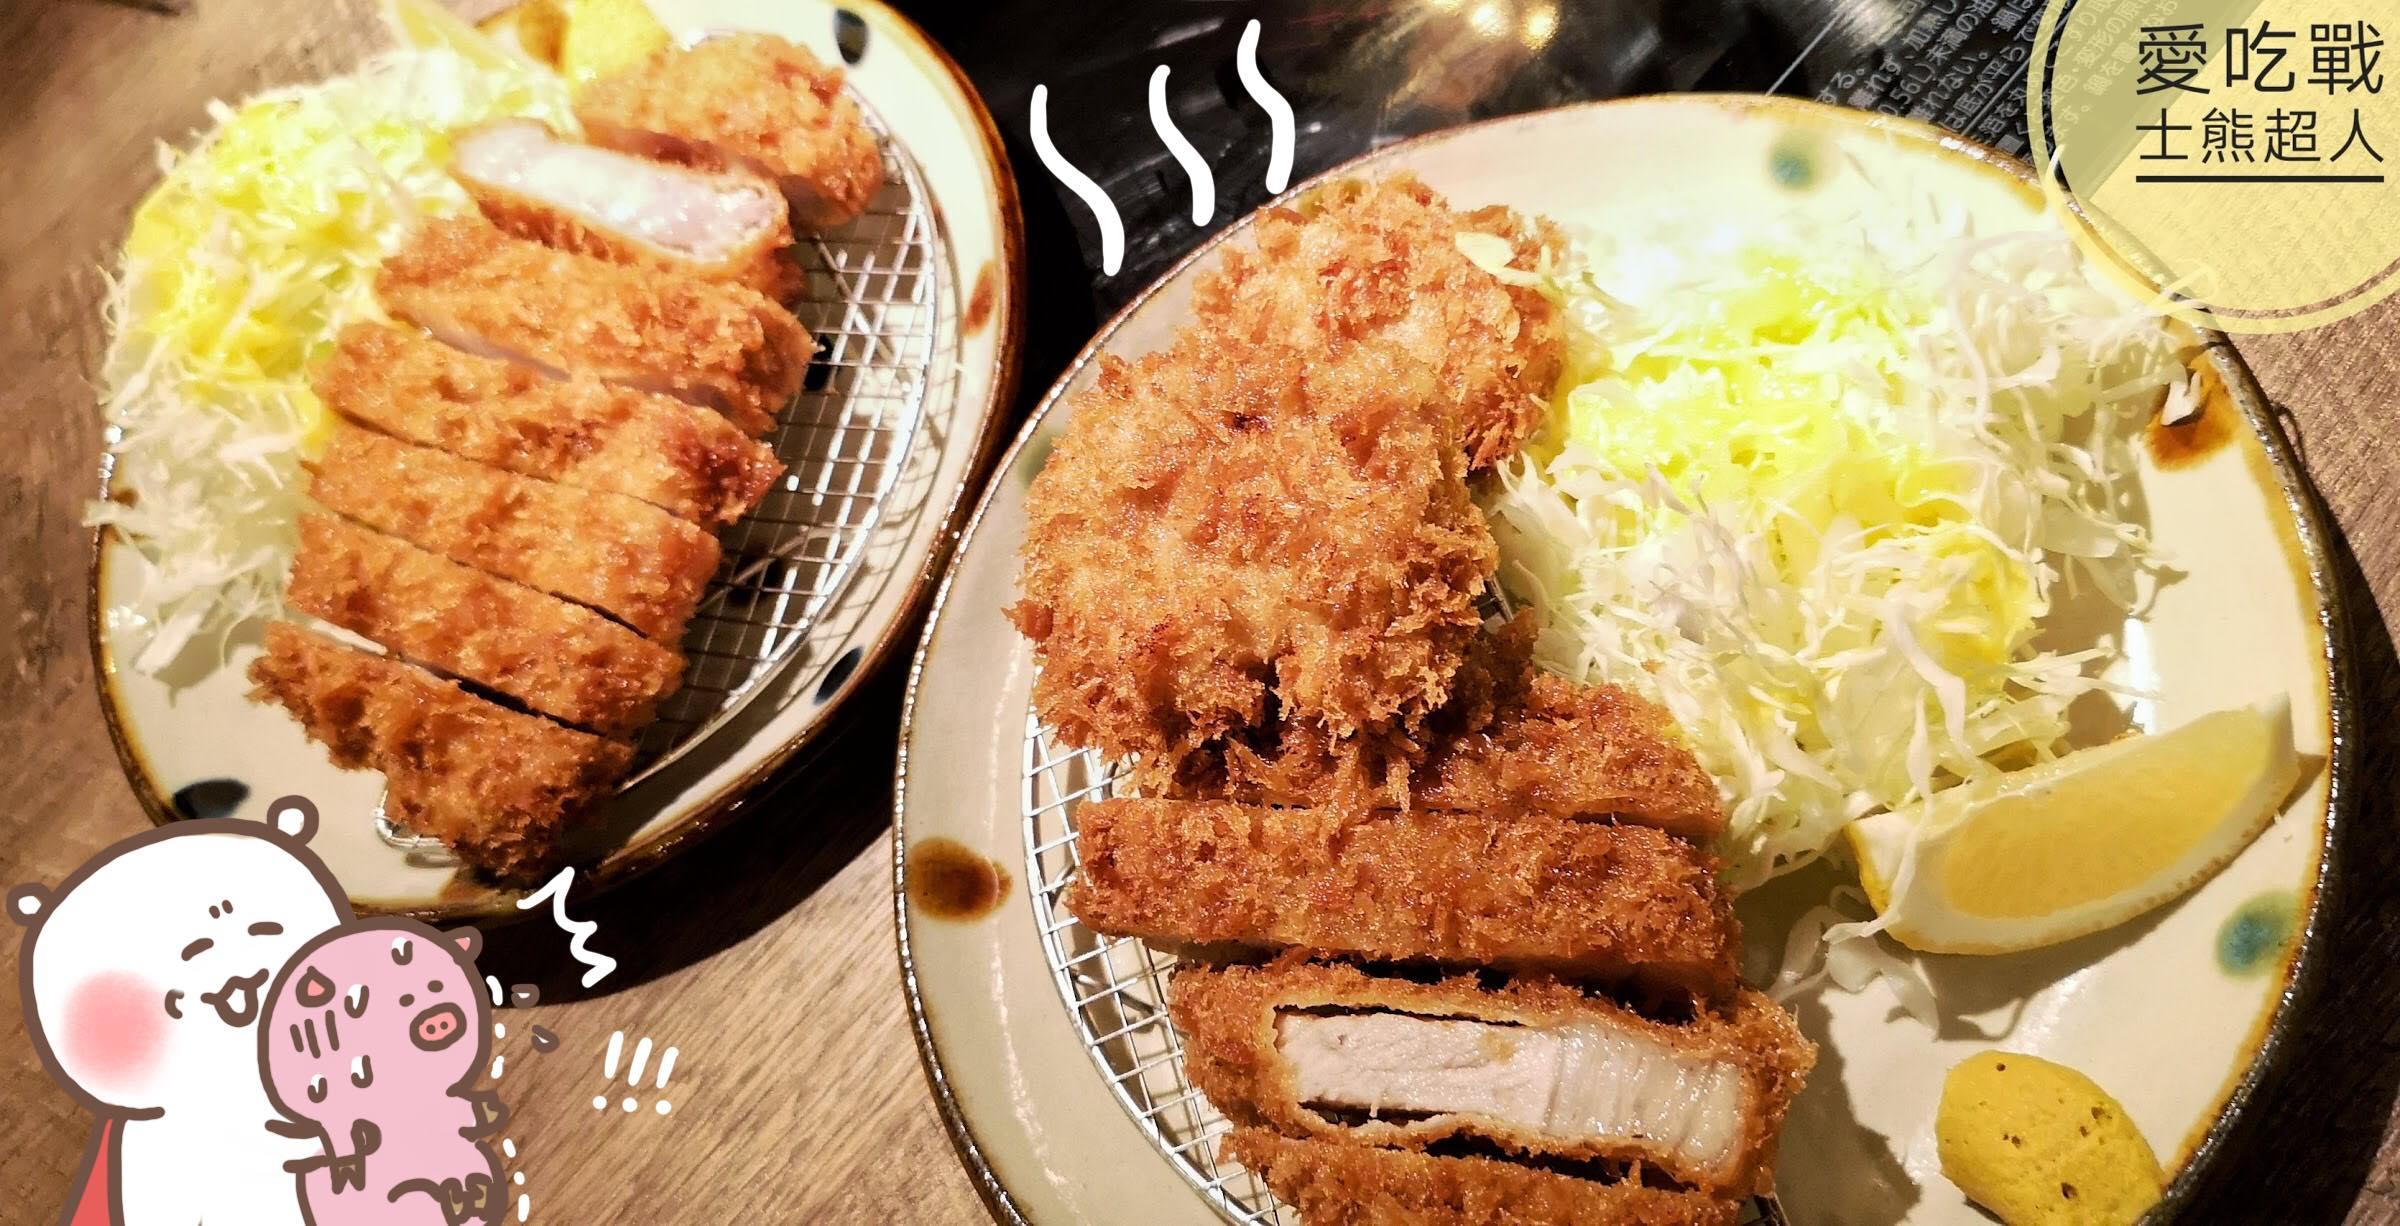 沖繩豬排食堂島豚屋(しまぶた屋)